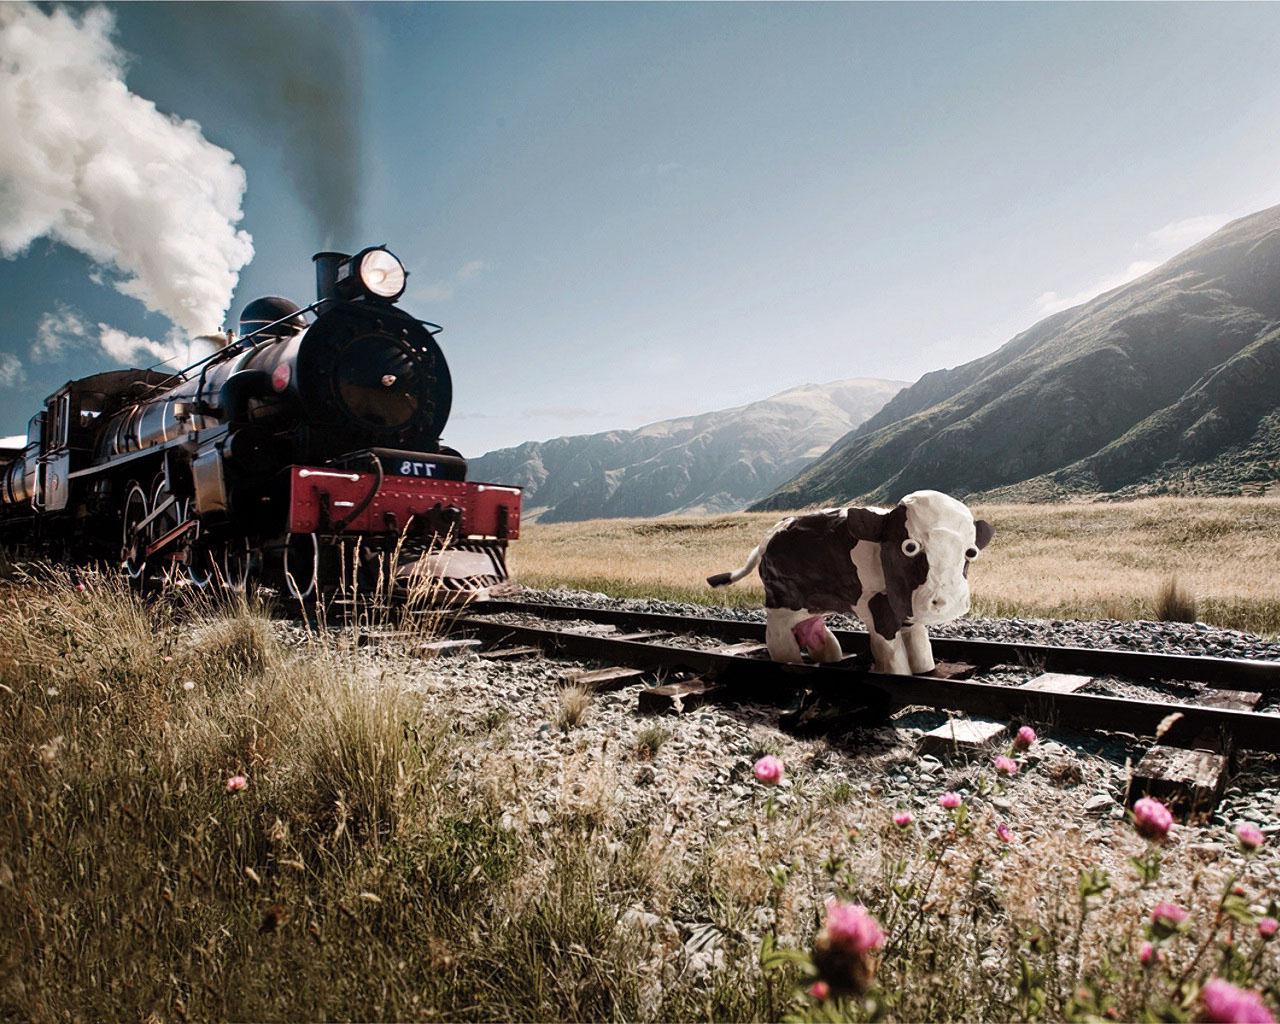 HDoboi.Kiev.ua - Поезд хочет задавить корову, прикольные обои для iphone x